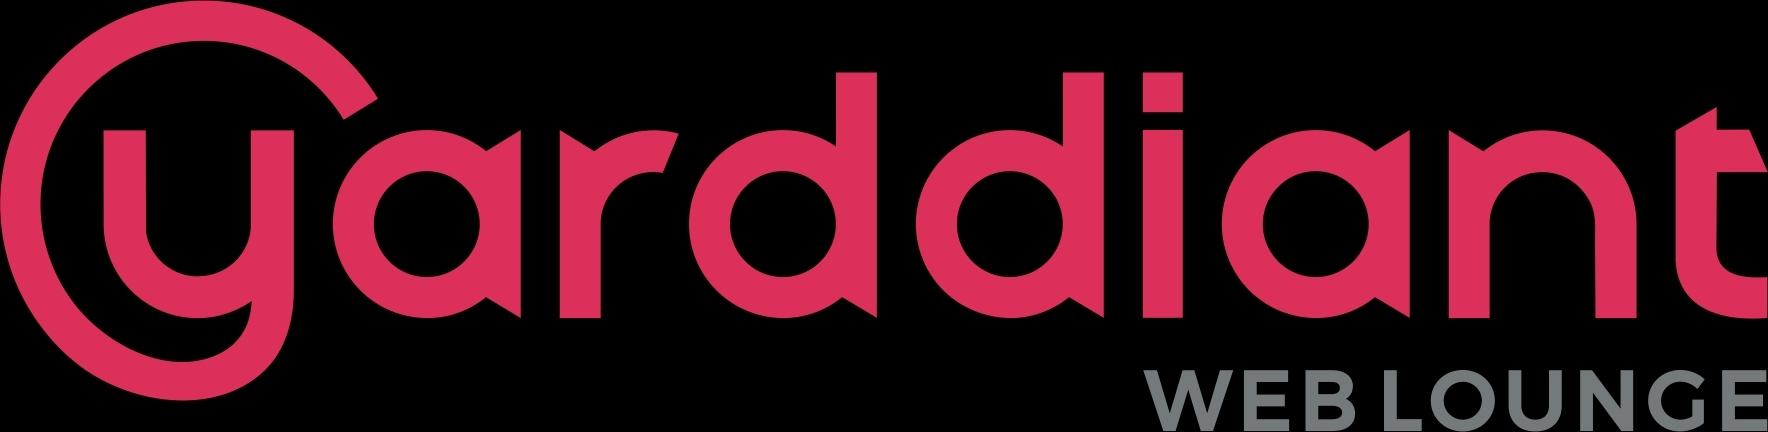 Yarddiant-logo